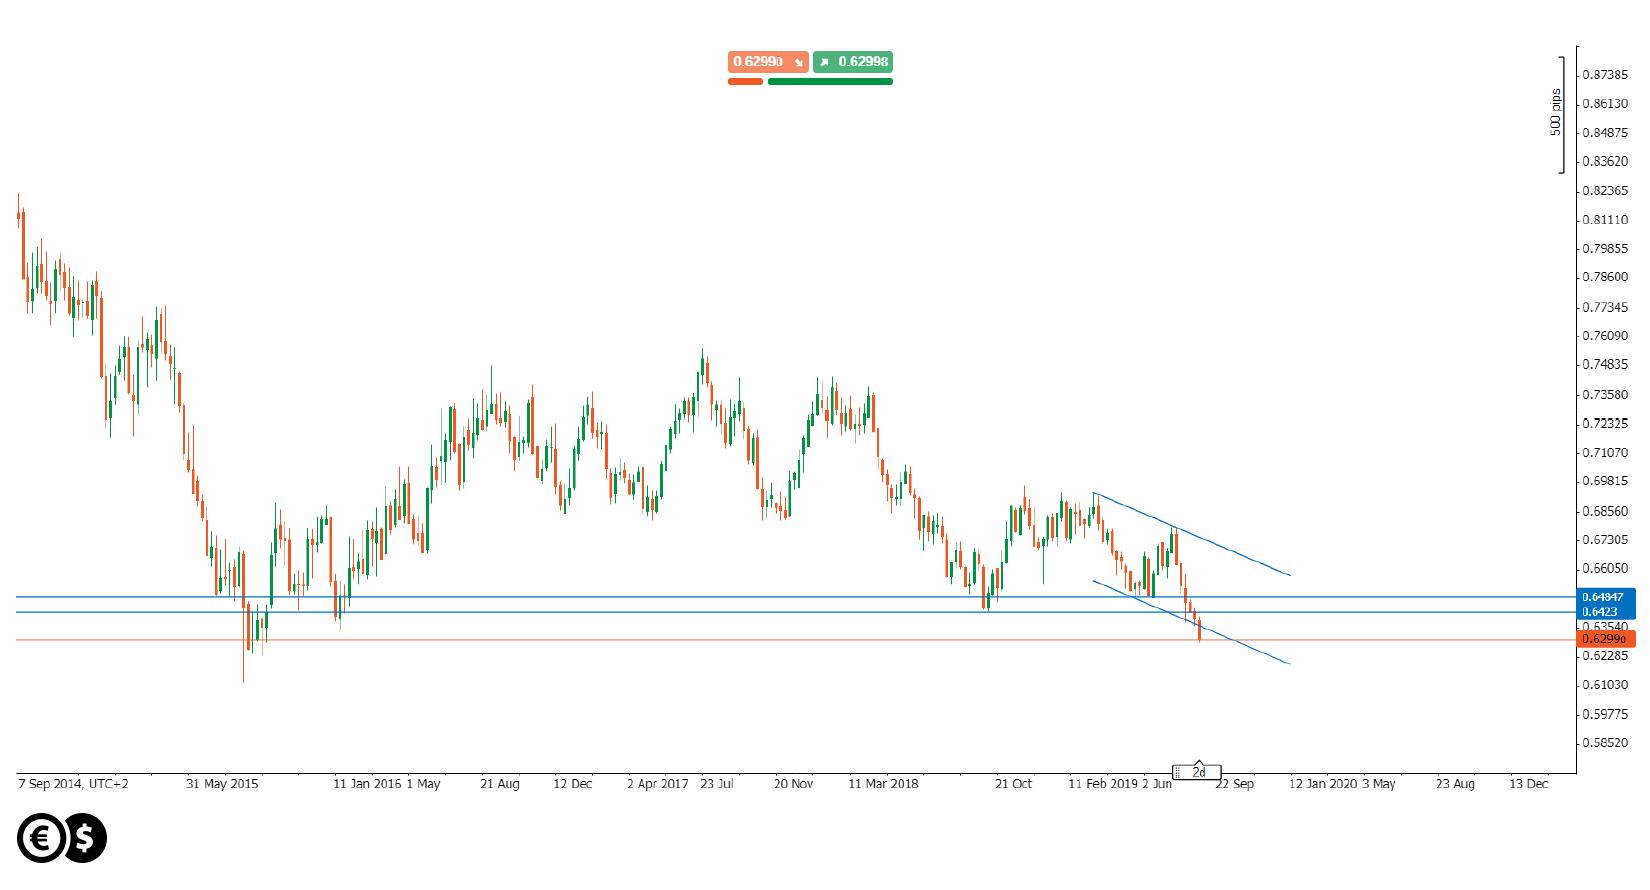 Wykres tygodniowy NZD/USD